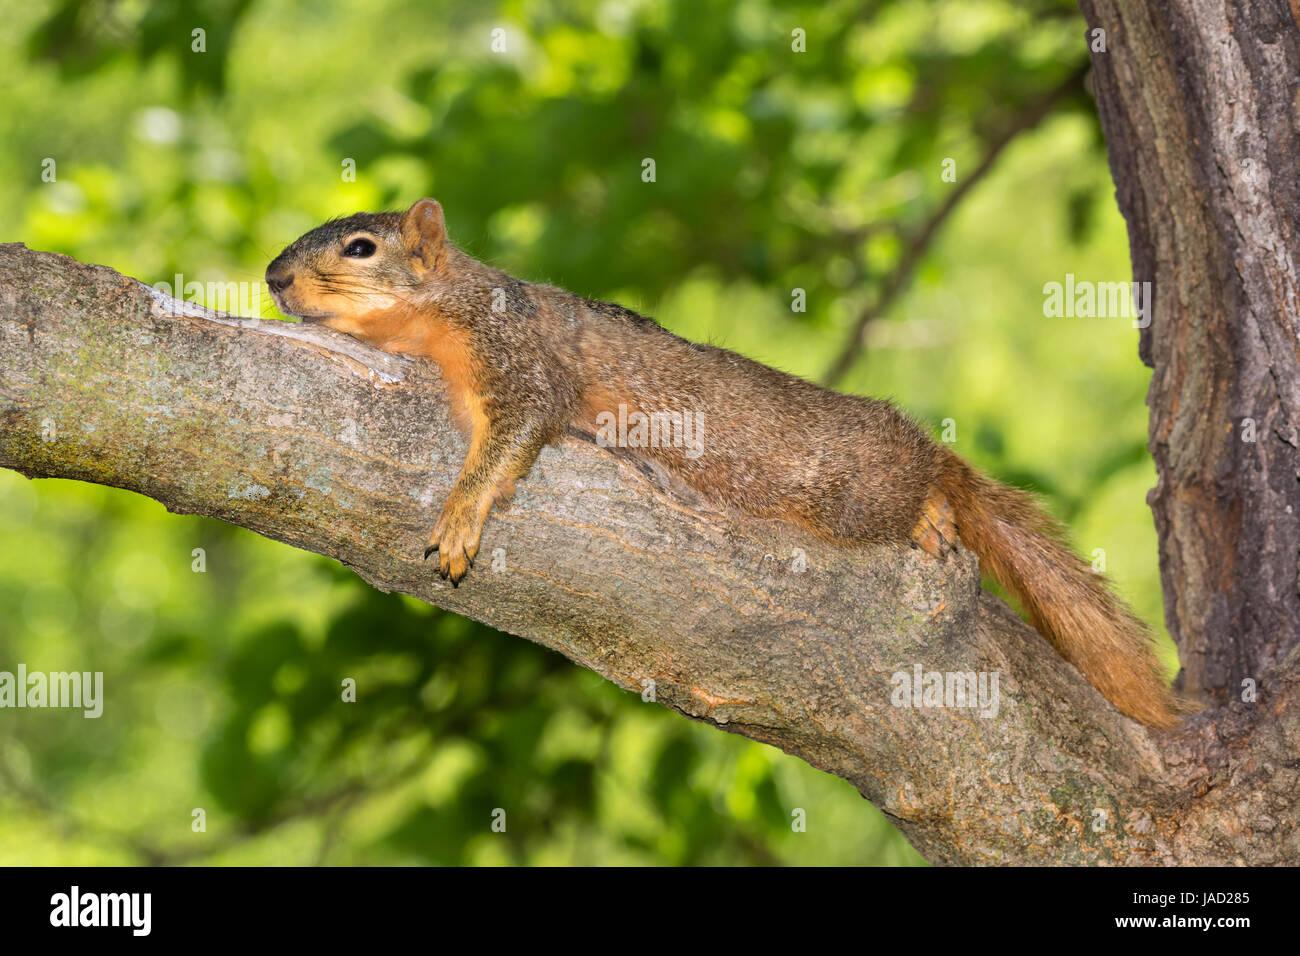 Fuchs, Eichhörnchen (Sciurus Nige) ruhen im Schatten auf Ast an einem heißen Sommertag, Ames, Iowa, USA Stockbild